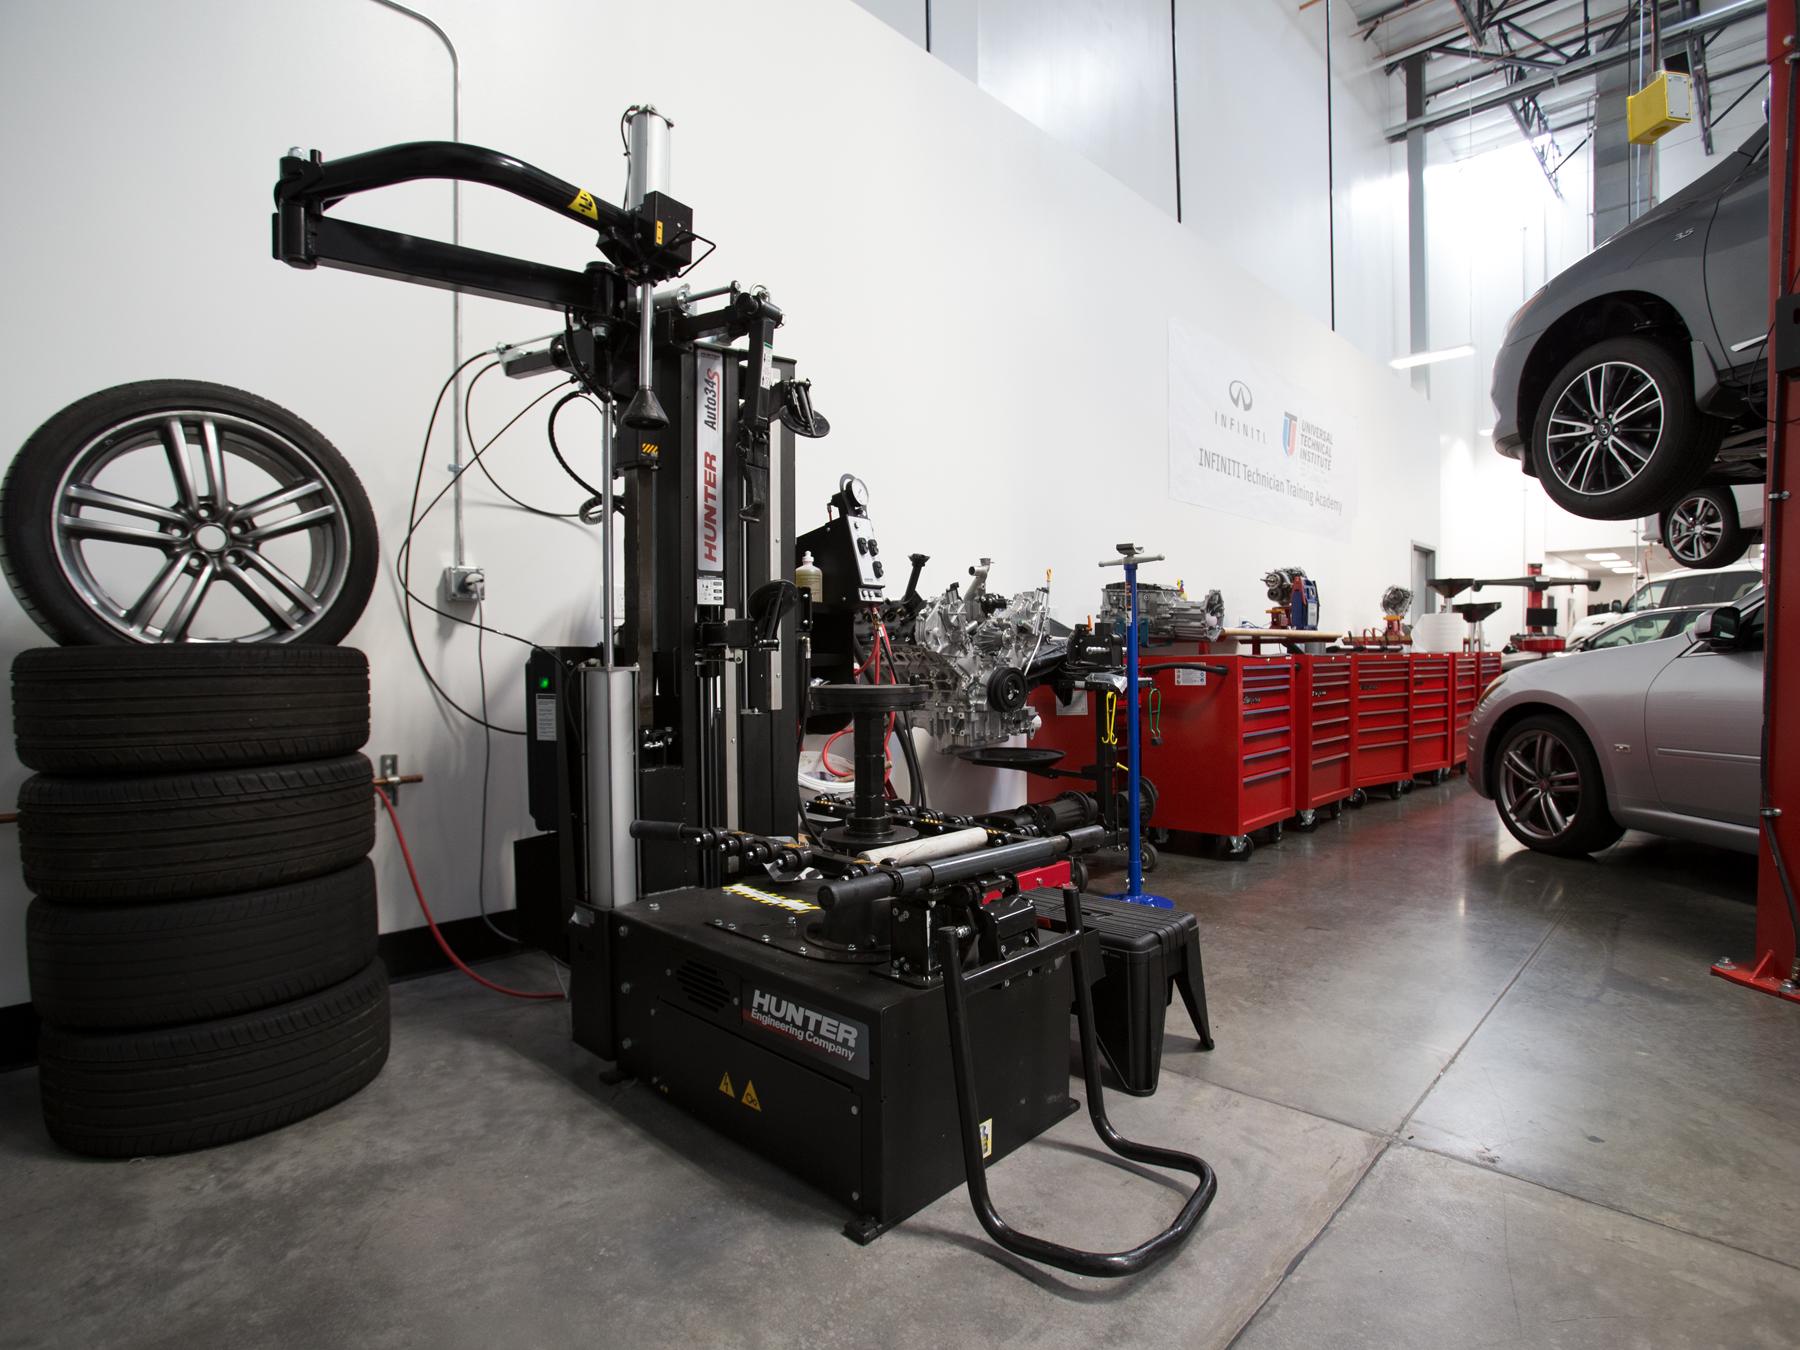 Tire machine in the infiniti auto lab